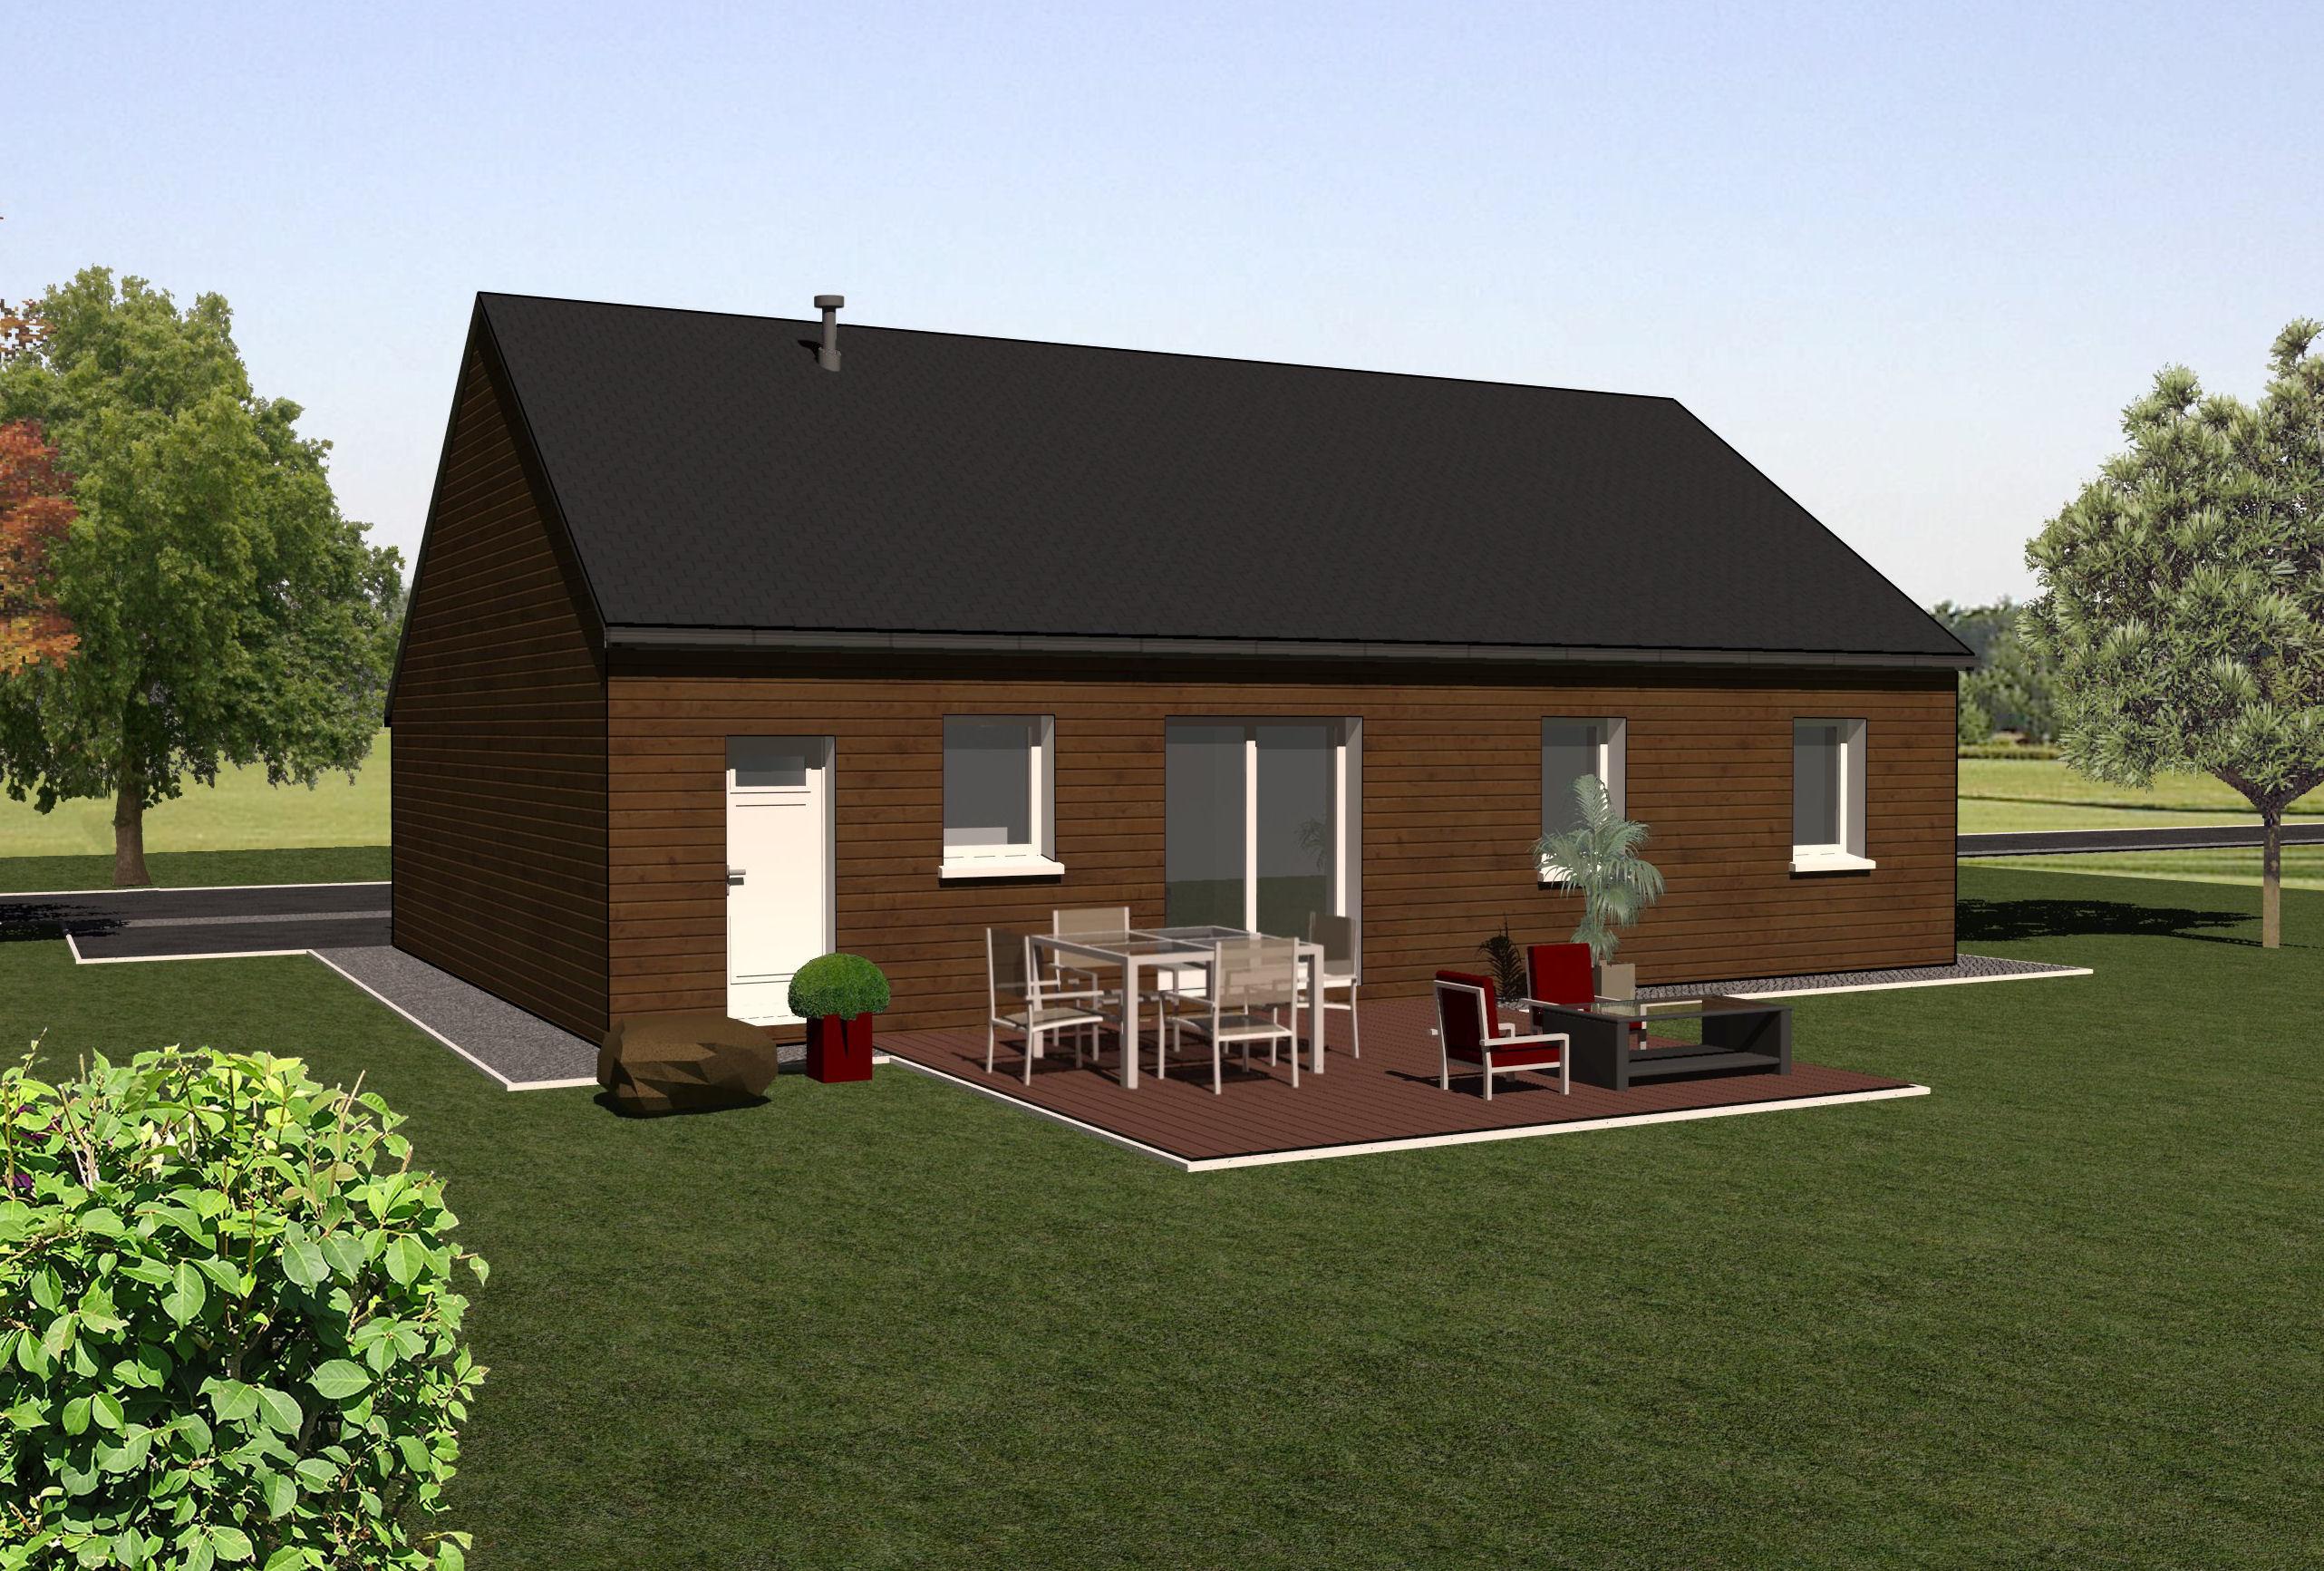 Les maisons ossature bois de plain pied mod le for Modele maison en bois plain pied